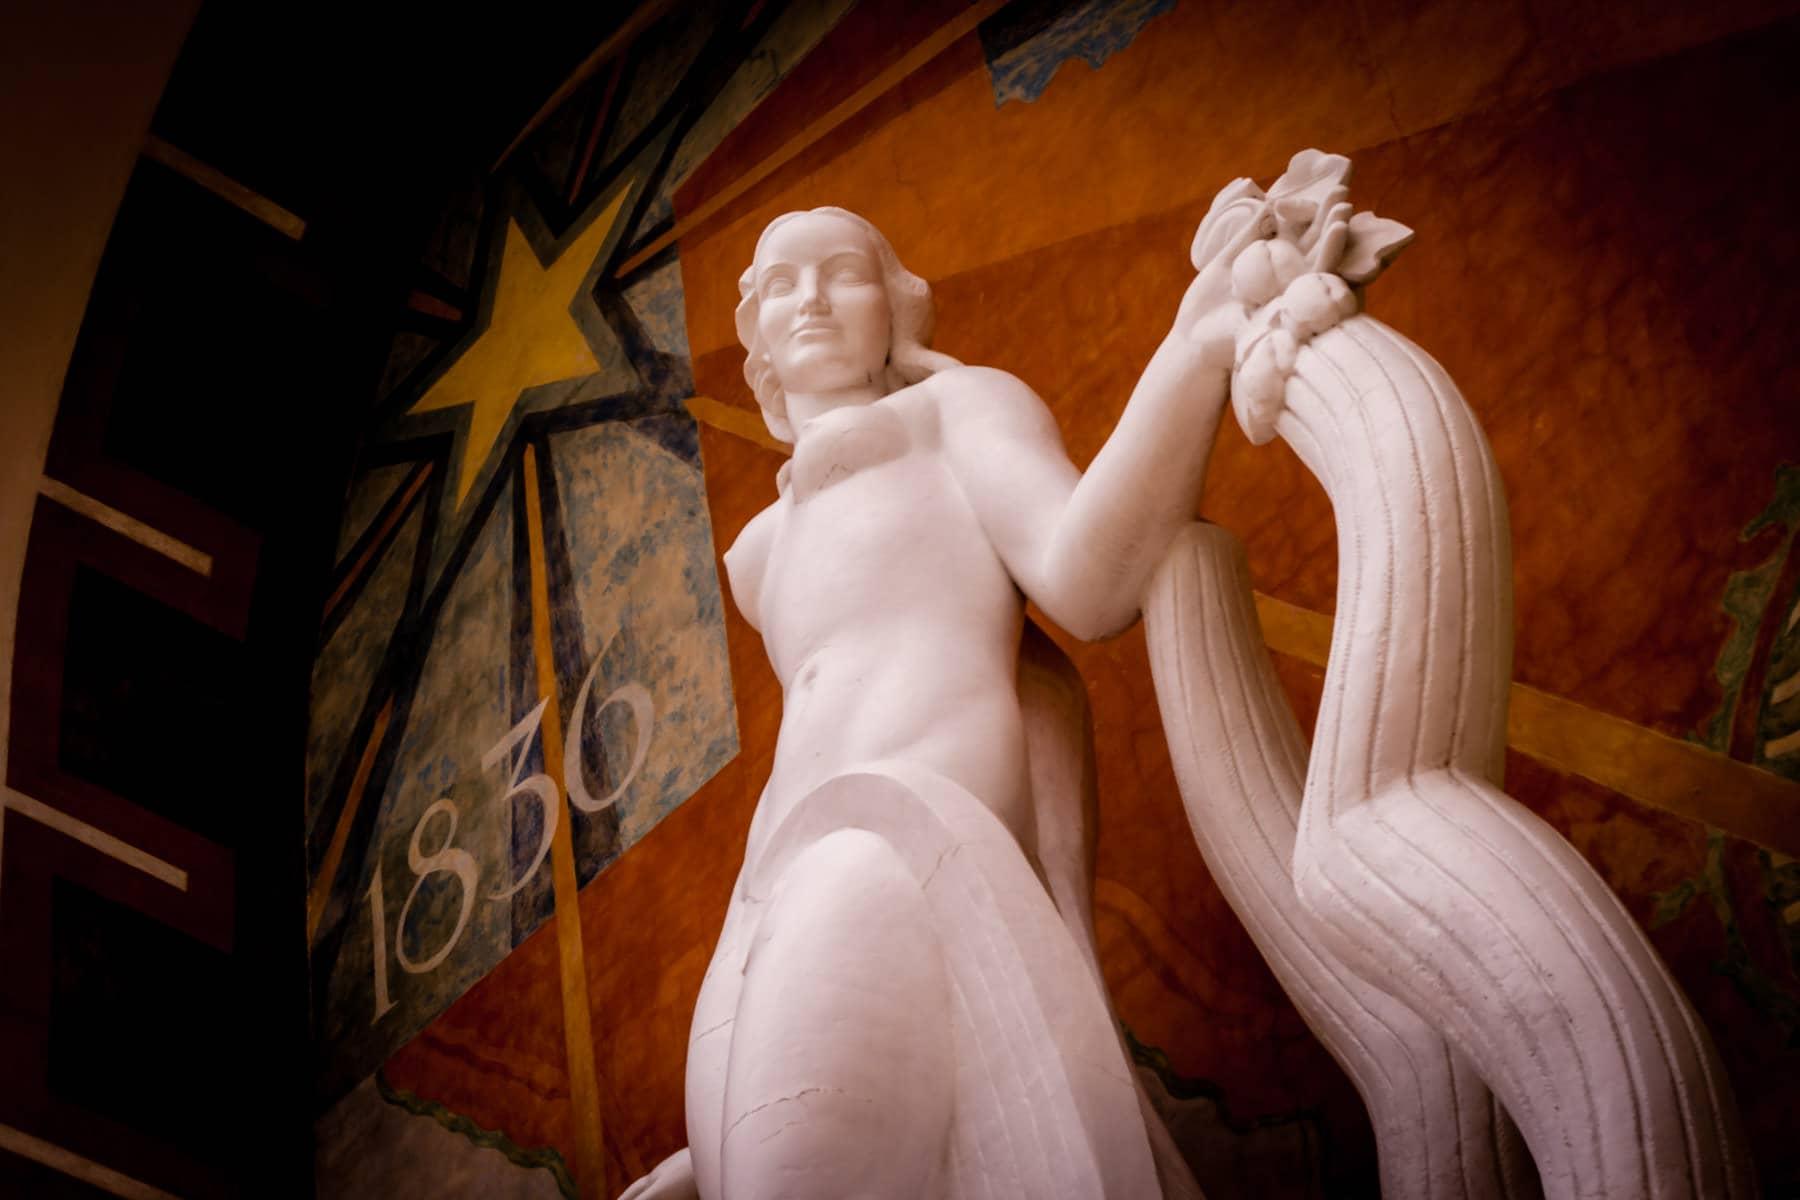 An Art Deco statue in Dallas' Fair Park.